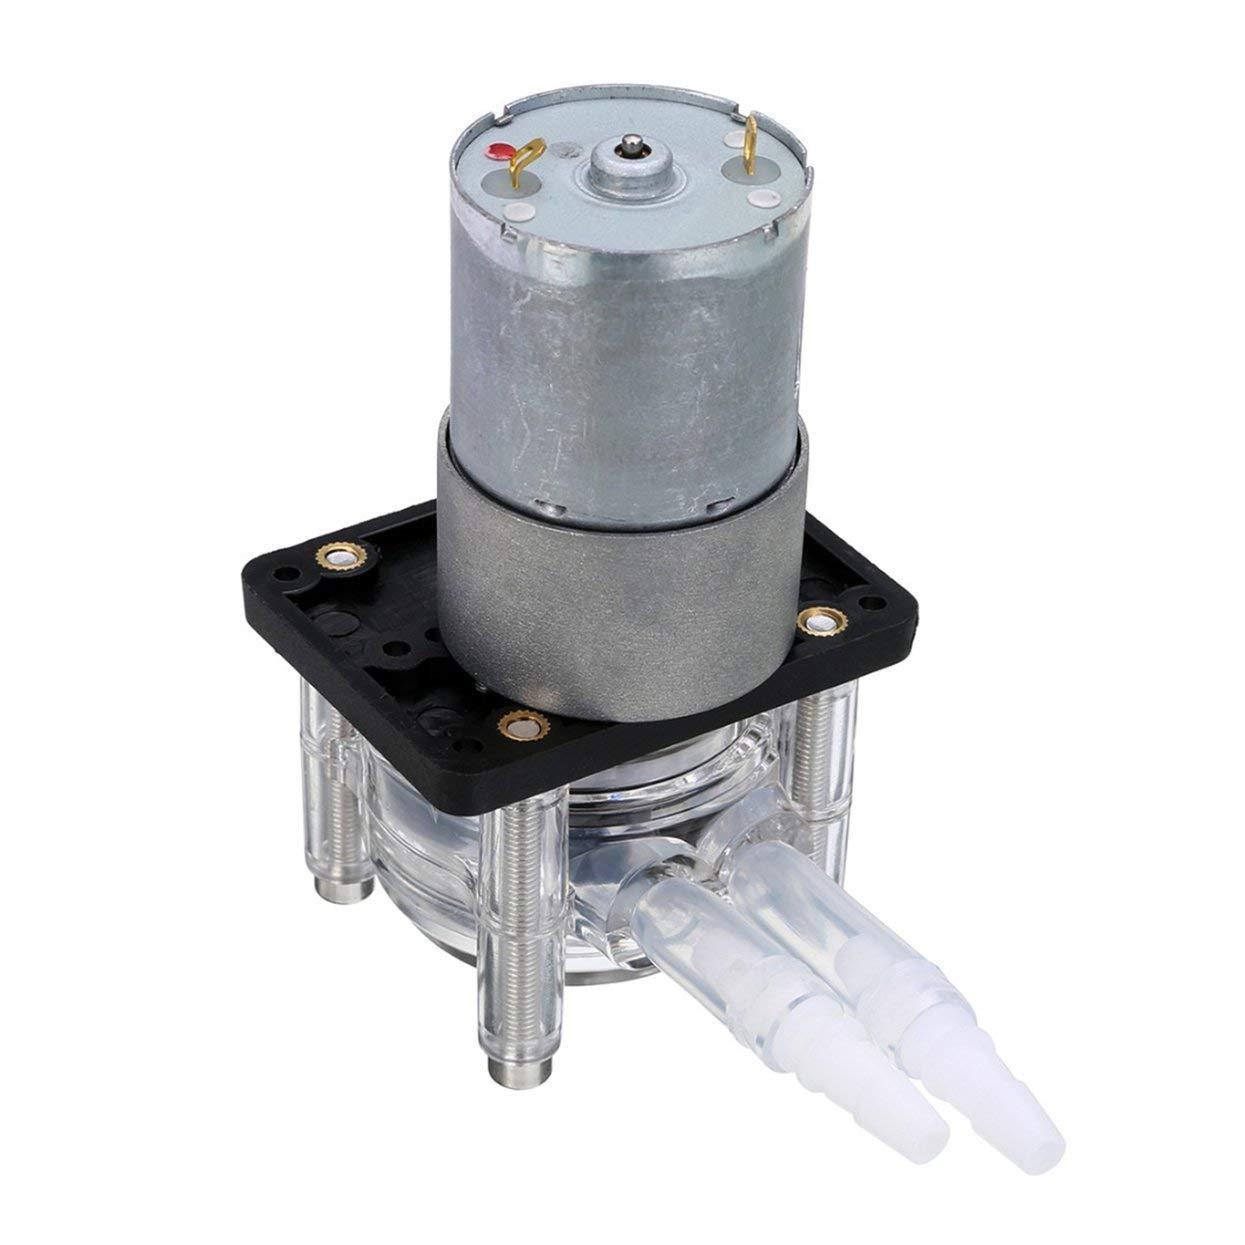 Tellaboull for Pompa peristaltica DC 12 24V Pompa dosatrice per Flusso Grande Pompa per Vuoto anticorrosione Forte aspirazione per Laboratorio Acquario